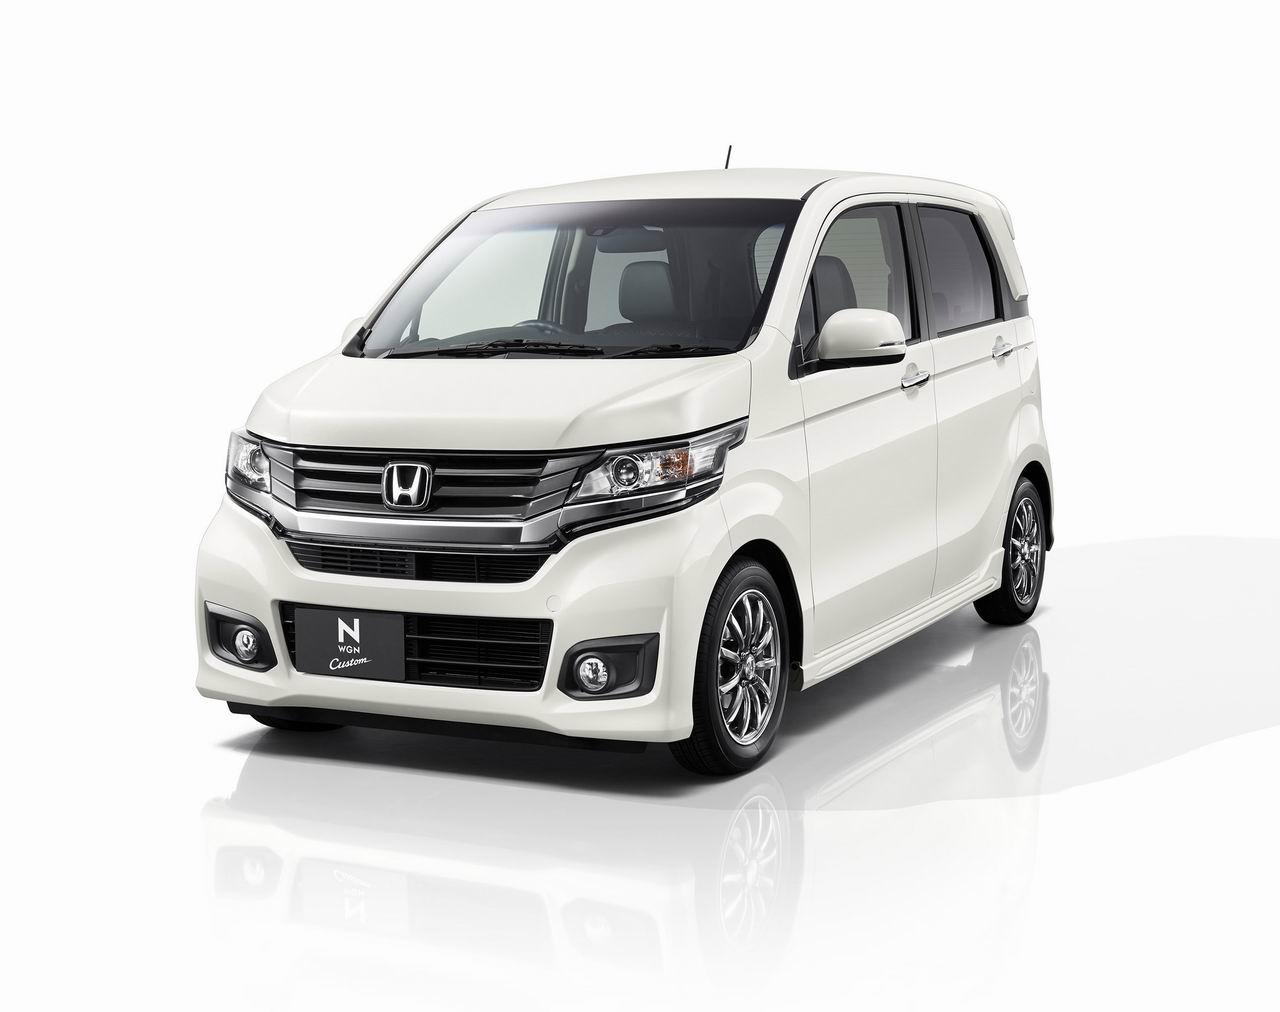 ホンダ「N-WGN」画像ギャラリー -Nシリーズ第4弾、29.4km/Lを達成 | Honda_N ...